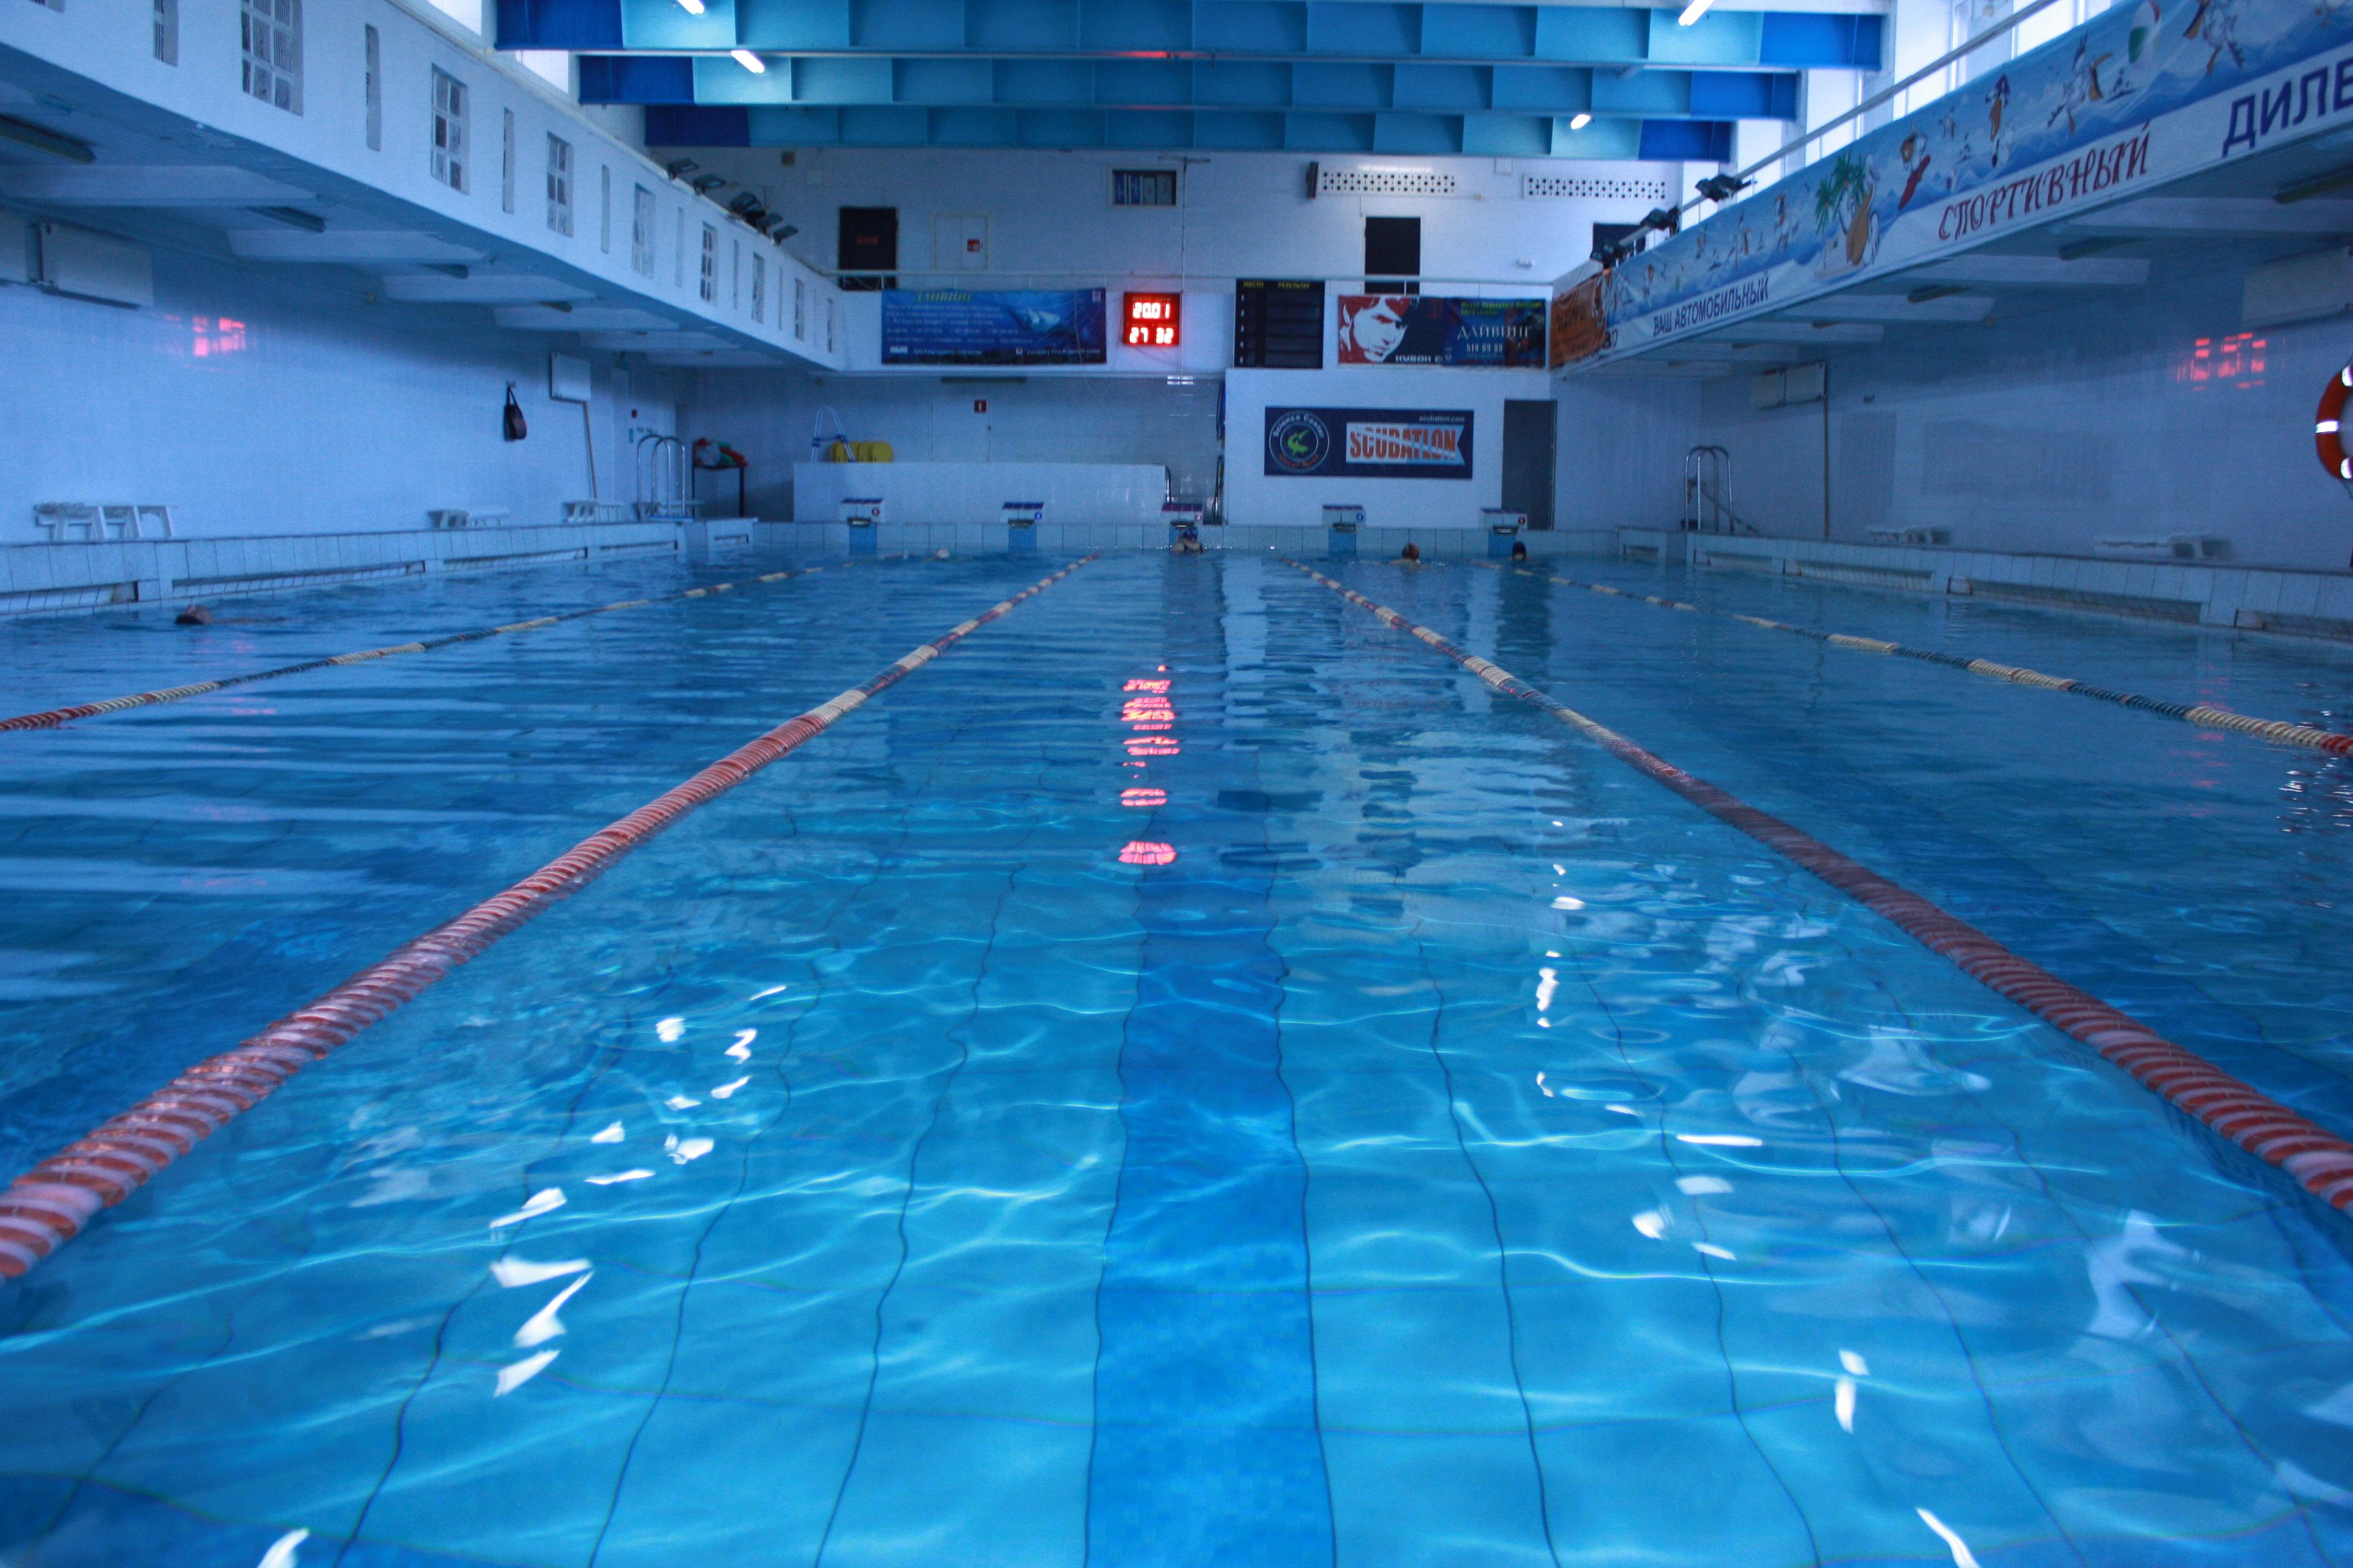 фитнес клубы в свао москвы с бассейном